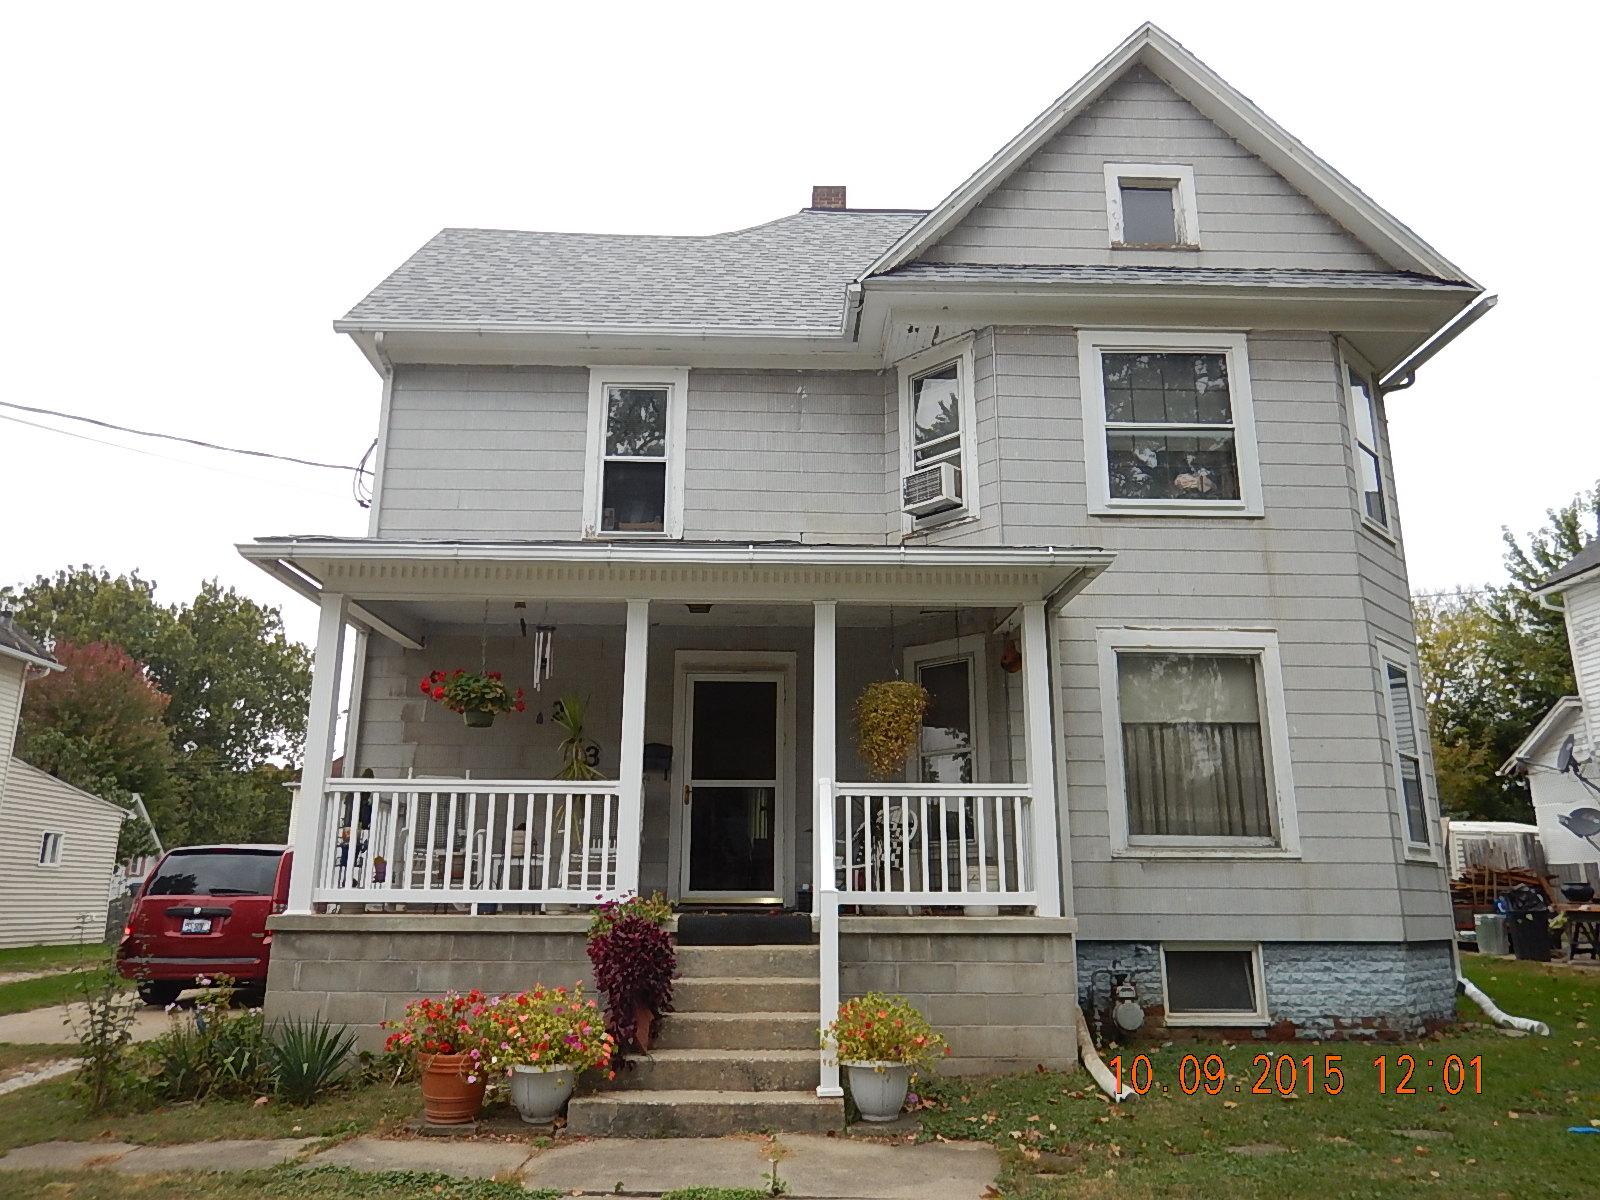 223 elliott, Kewanee, Illinois 61443